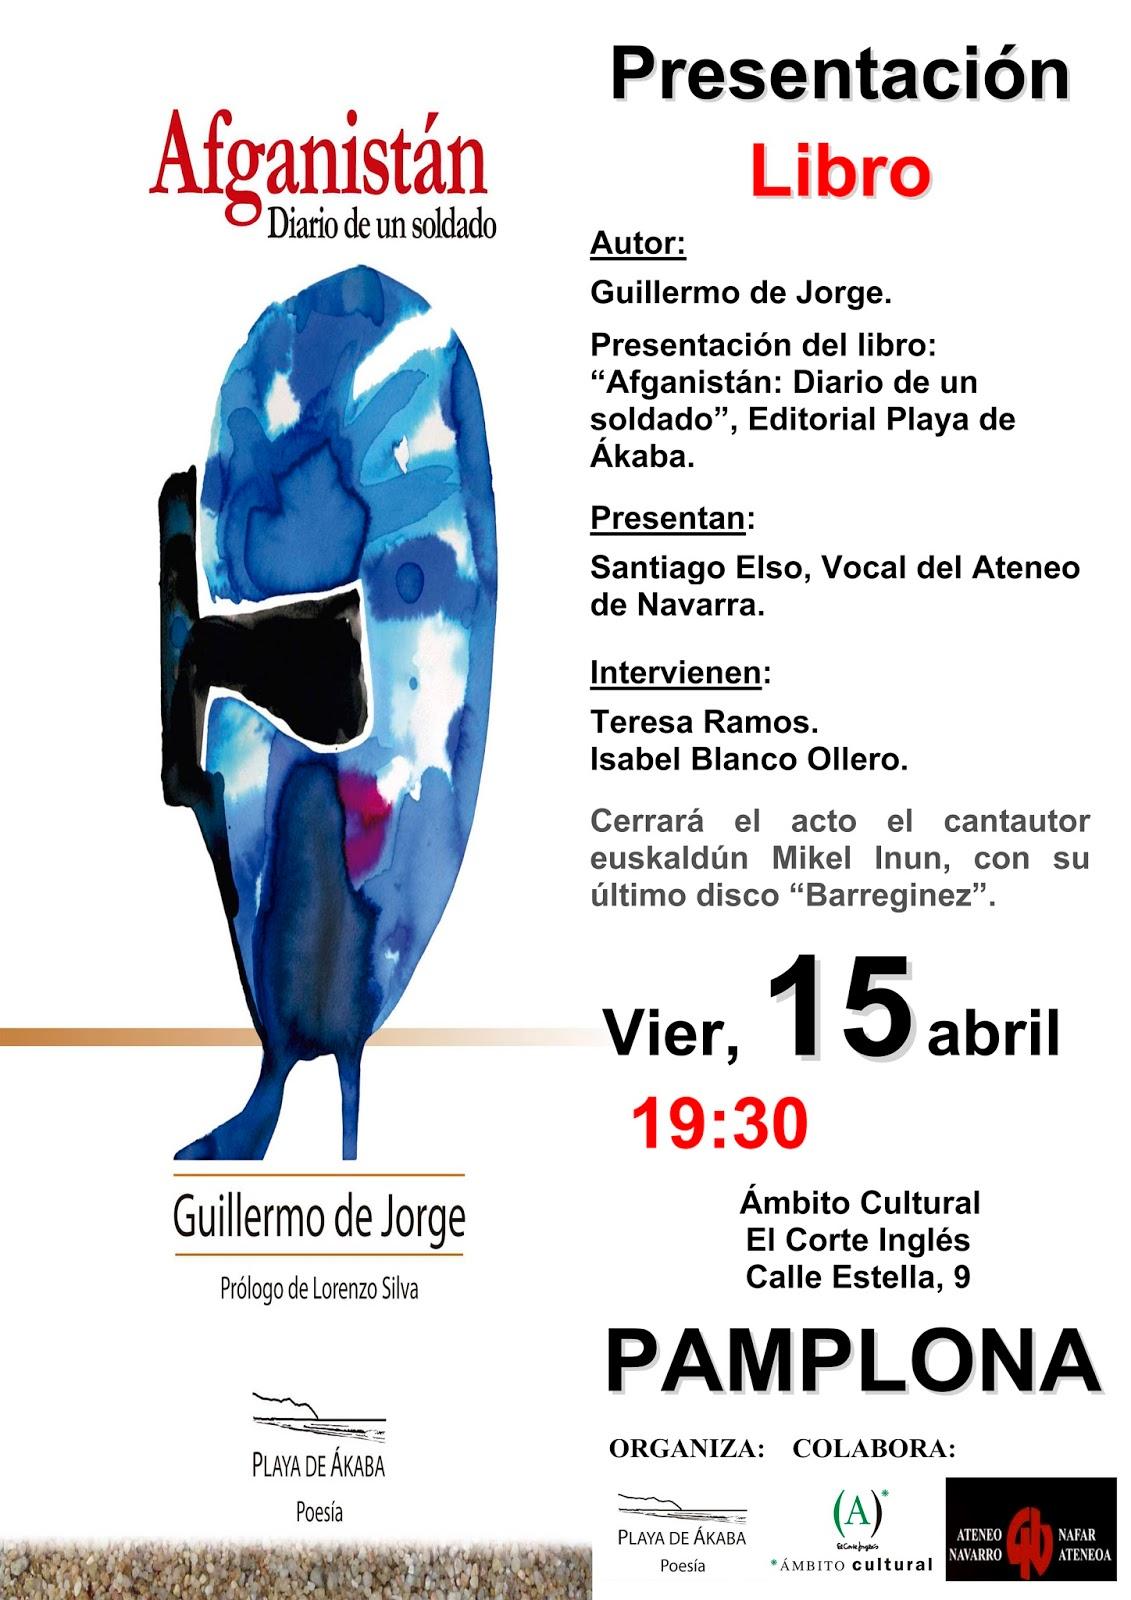 Cartel Presentacion Libro Guillermo de Jorge-peq